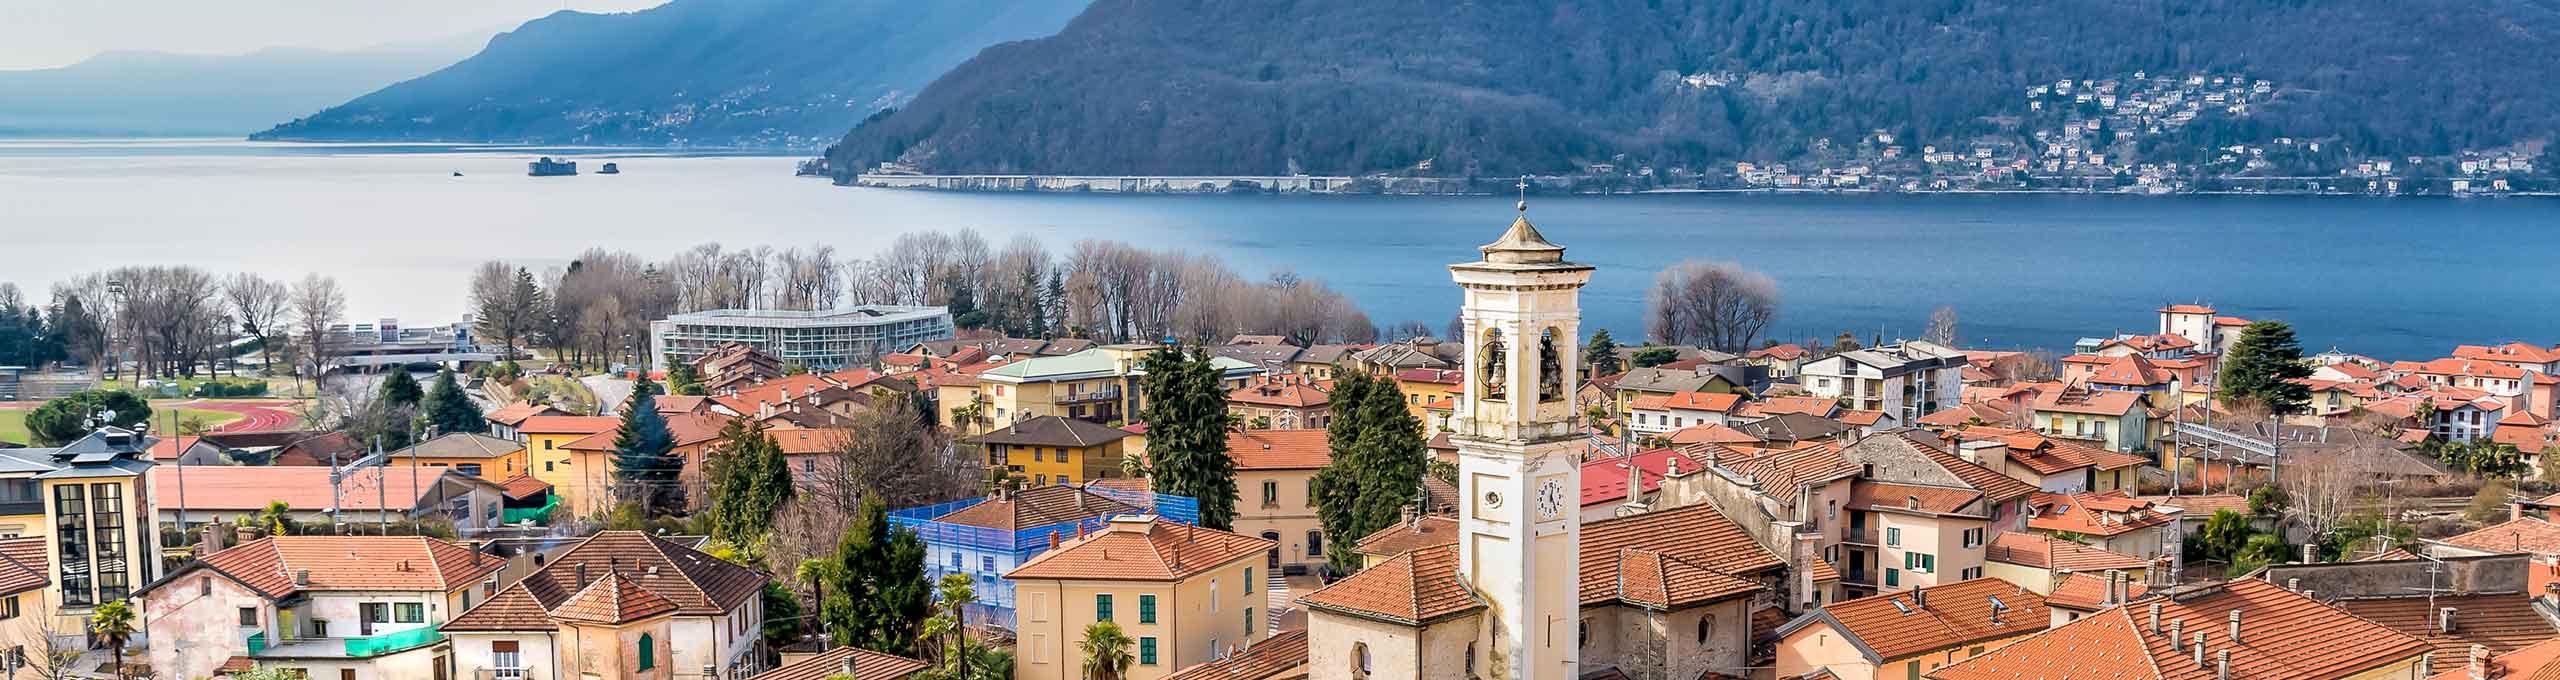 Maccagno, Lago Maggiore